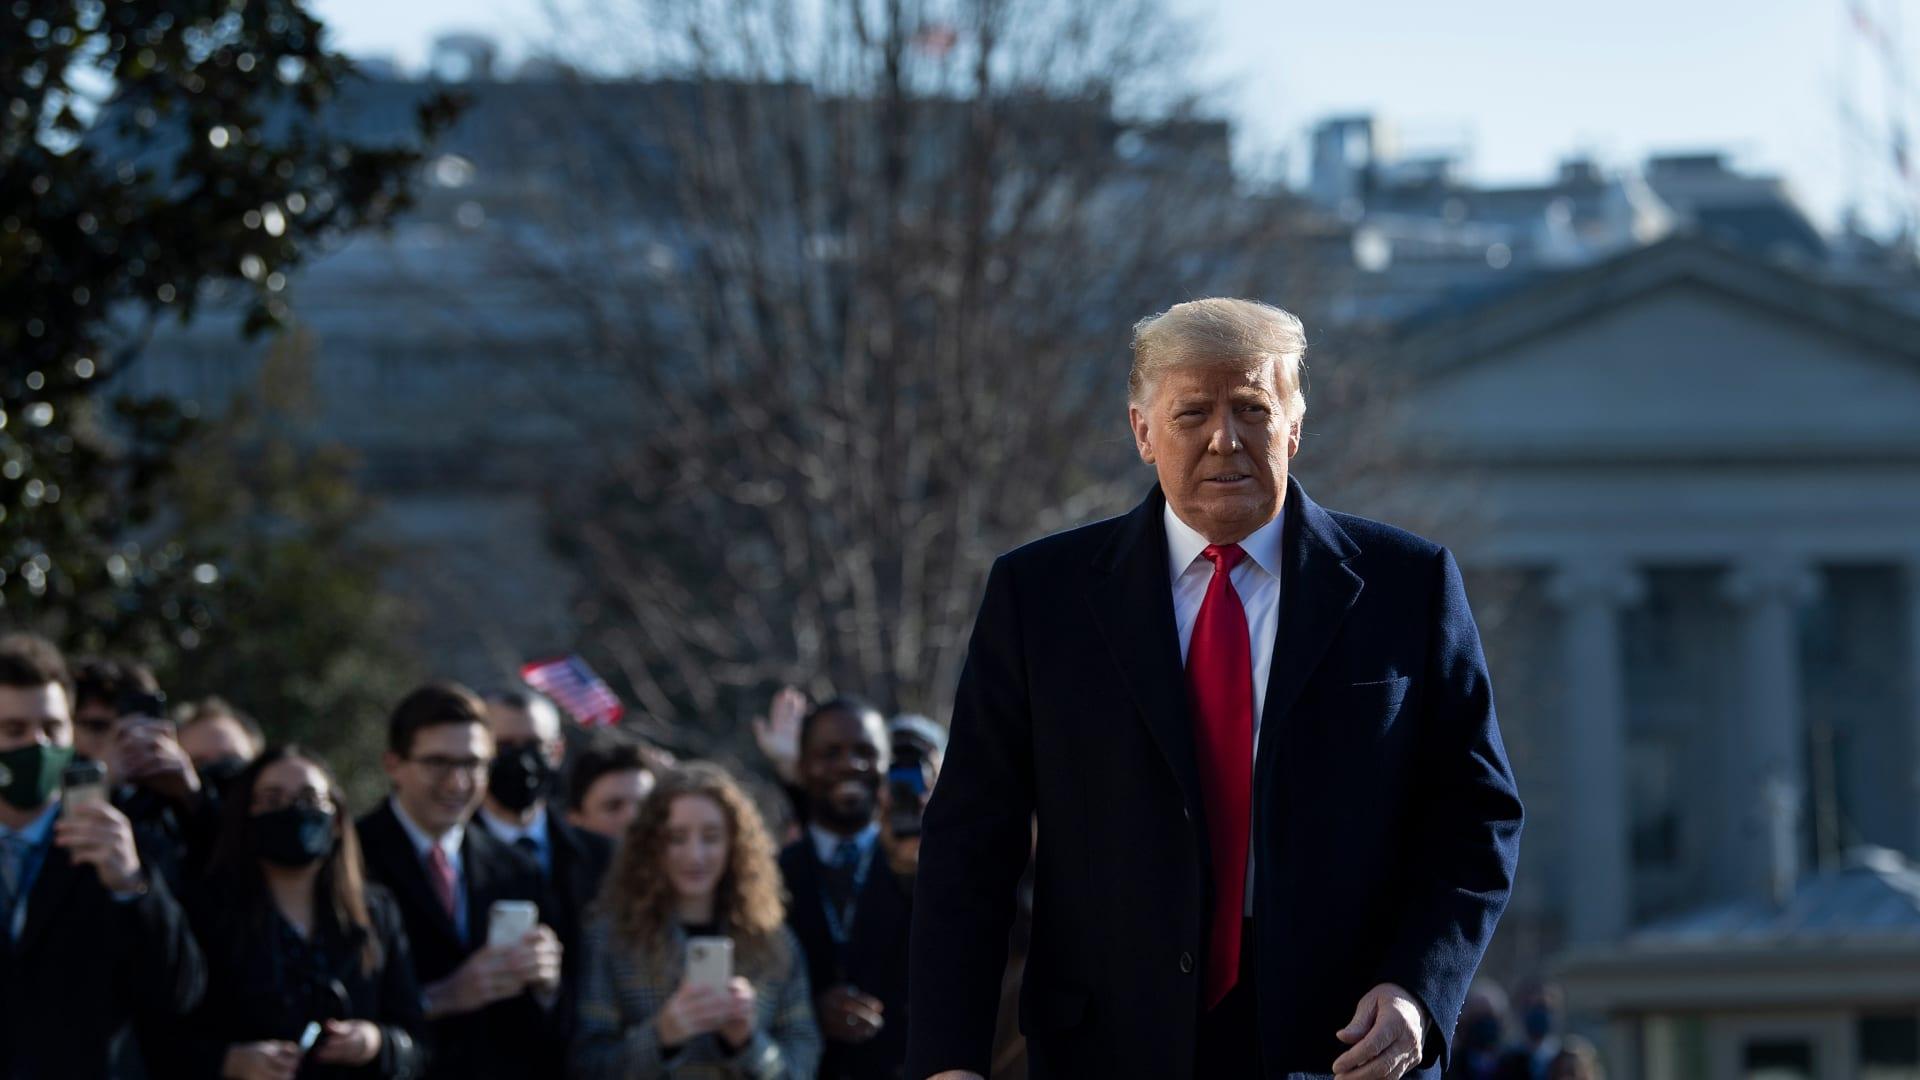 مجلس النواب يصوت لصالح عزل ترامب ليصبح أول رئيس أمريكي تجري مساءلته مرتين